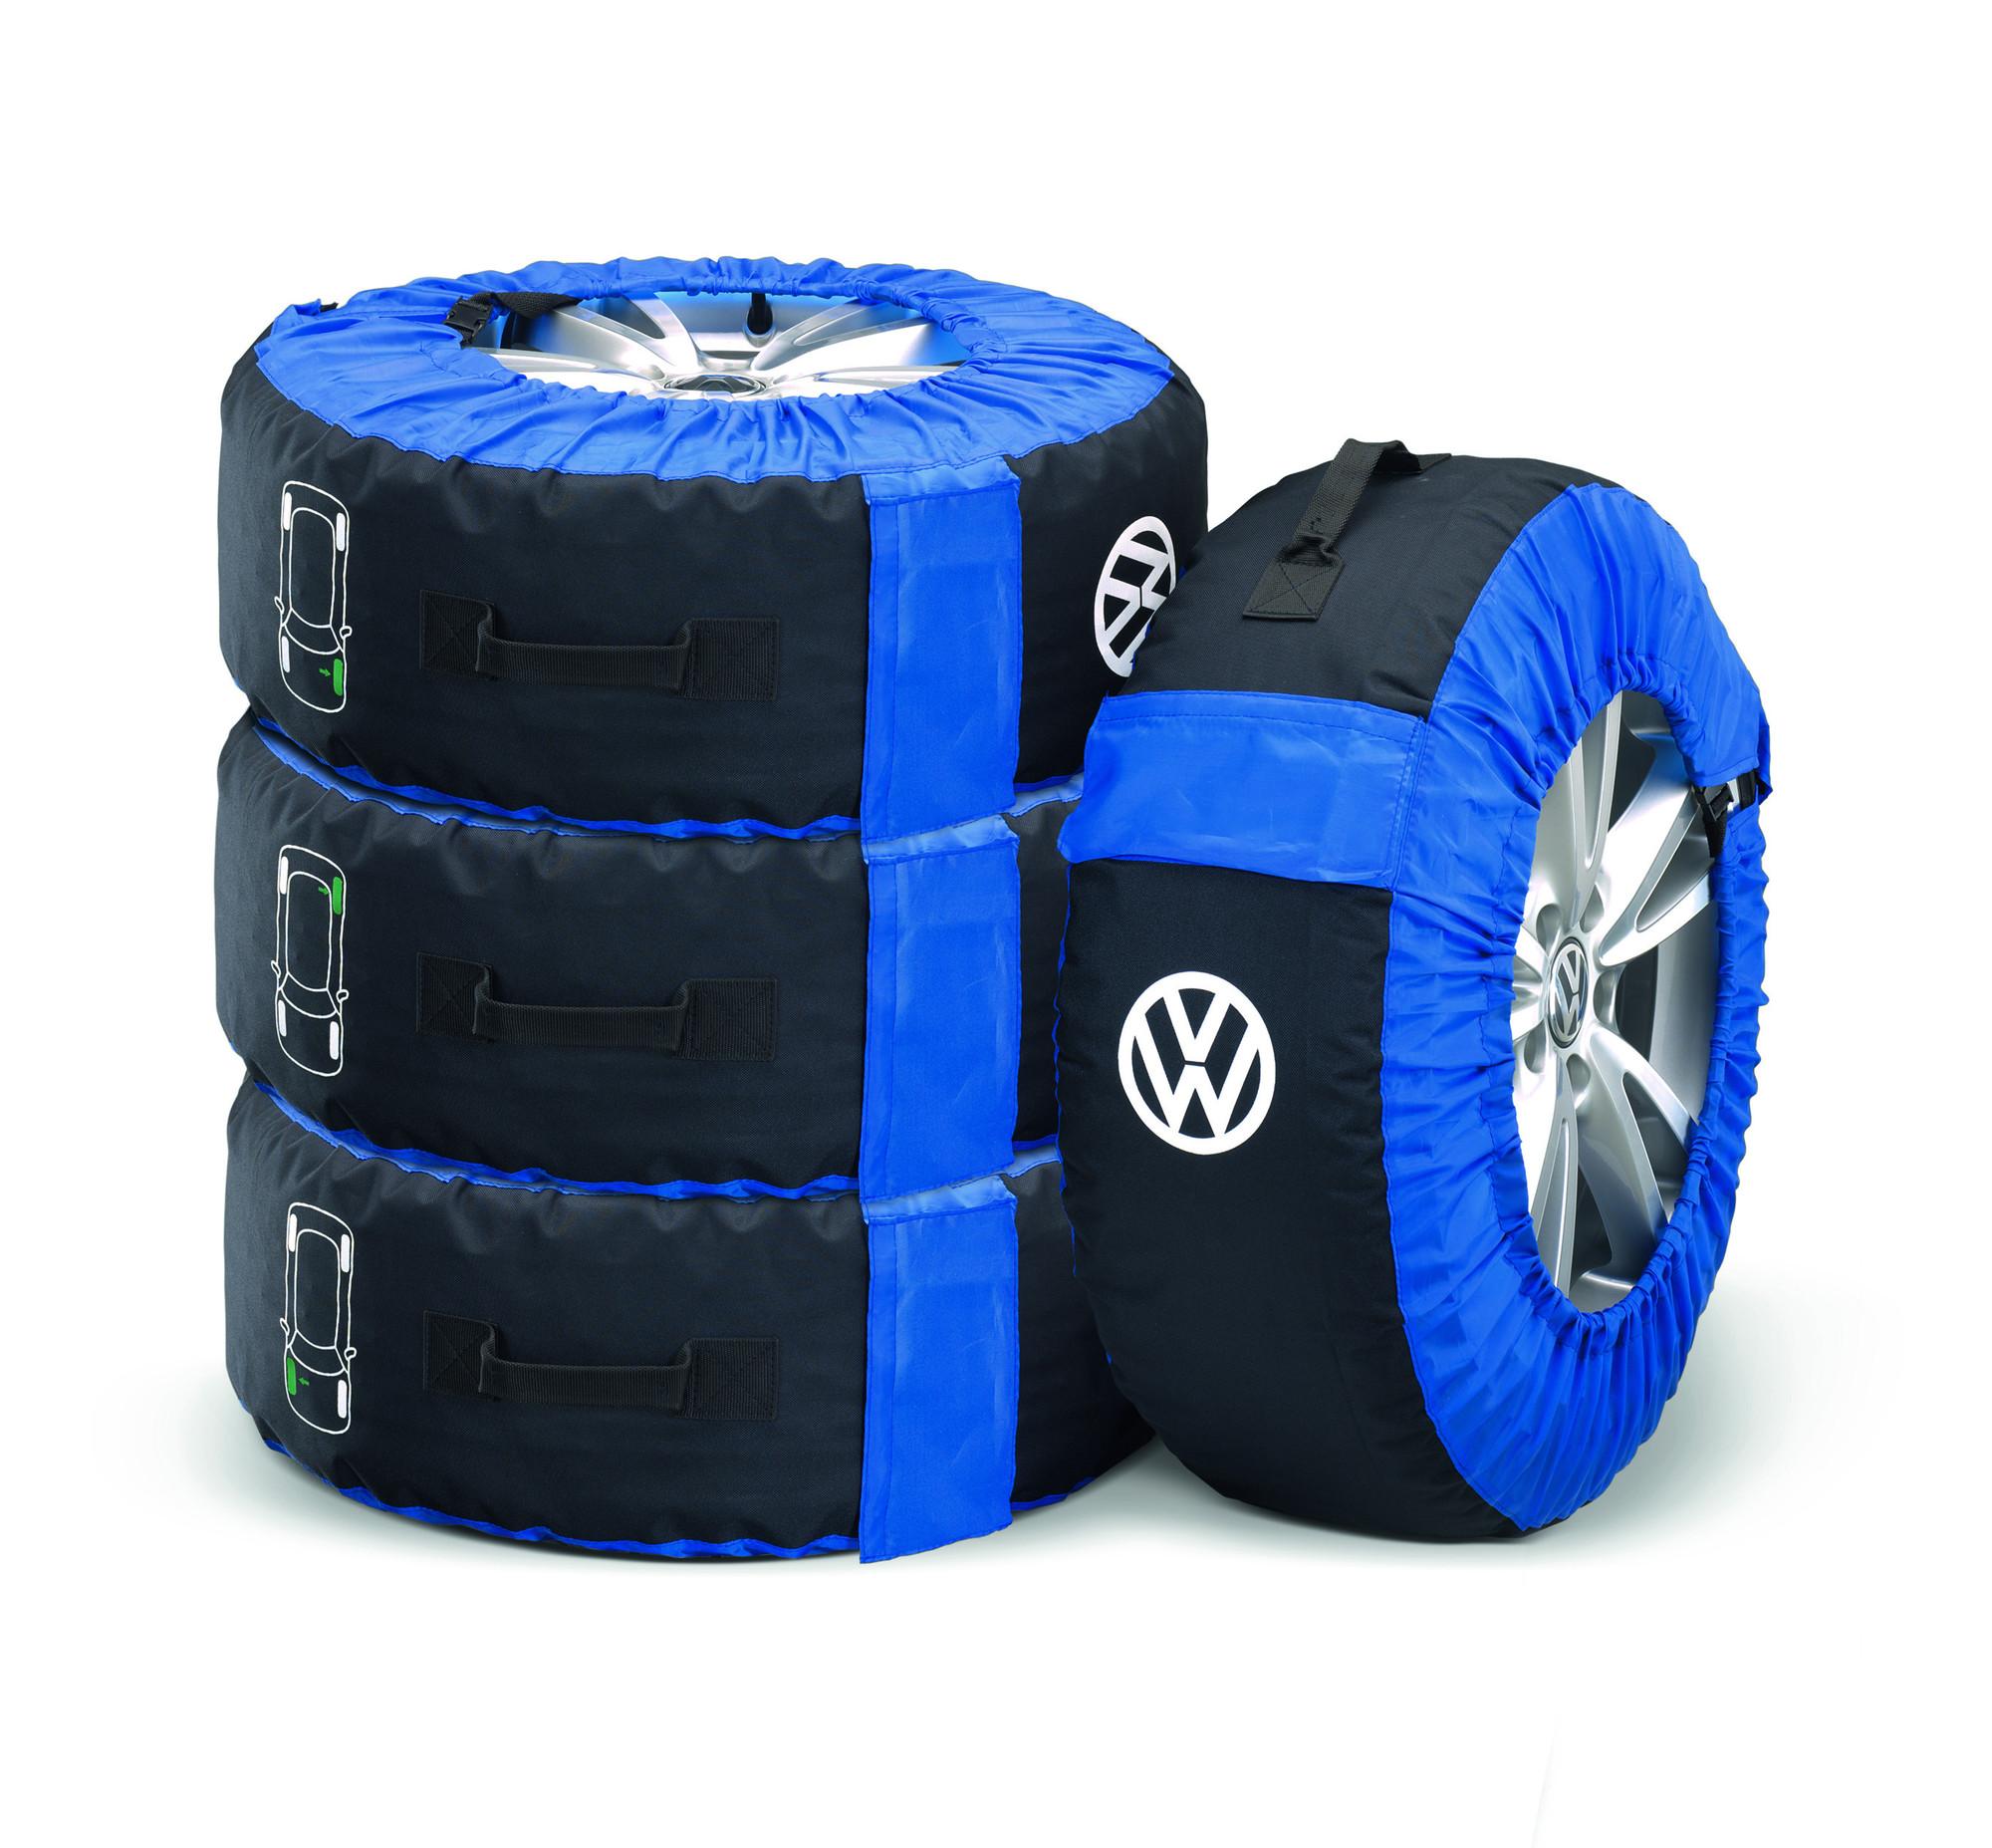 Volkswagen Original Reifentaschen-Set bis 18 Zoll